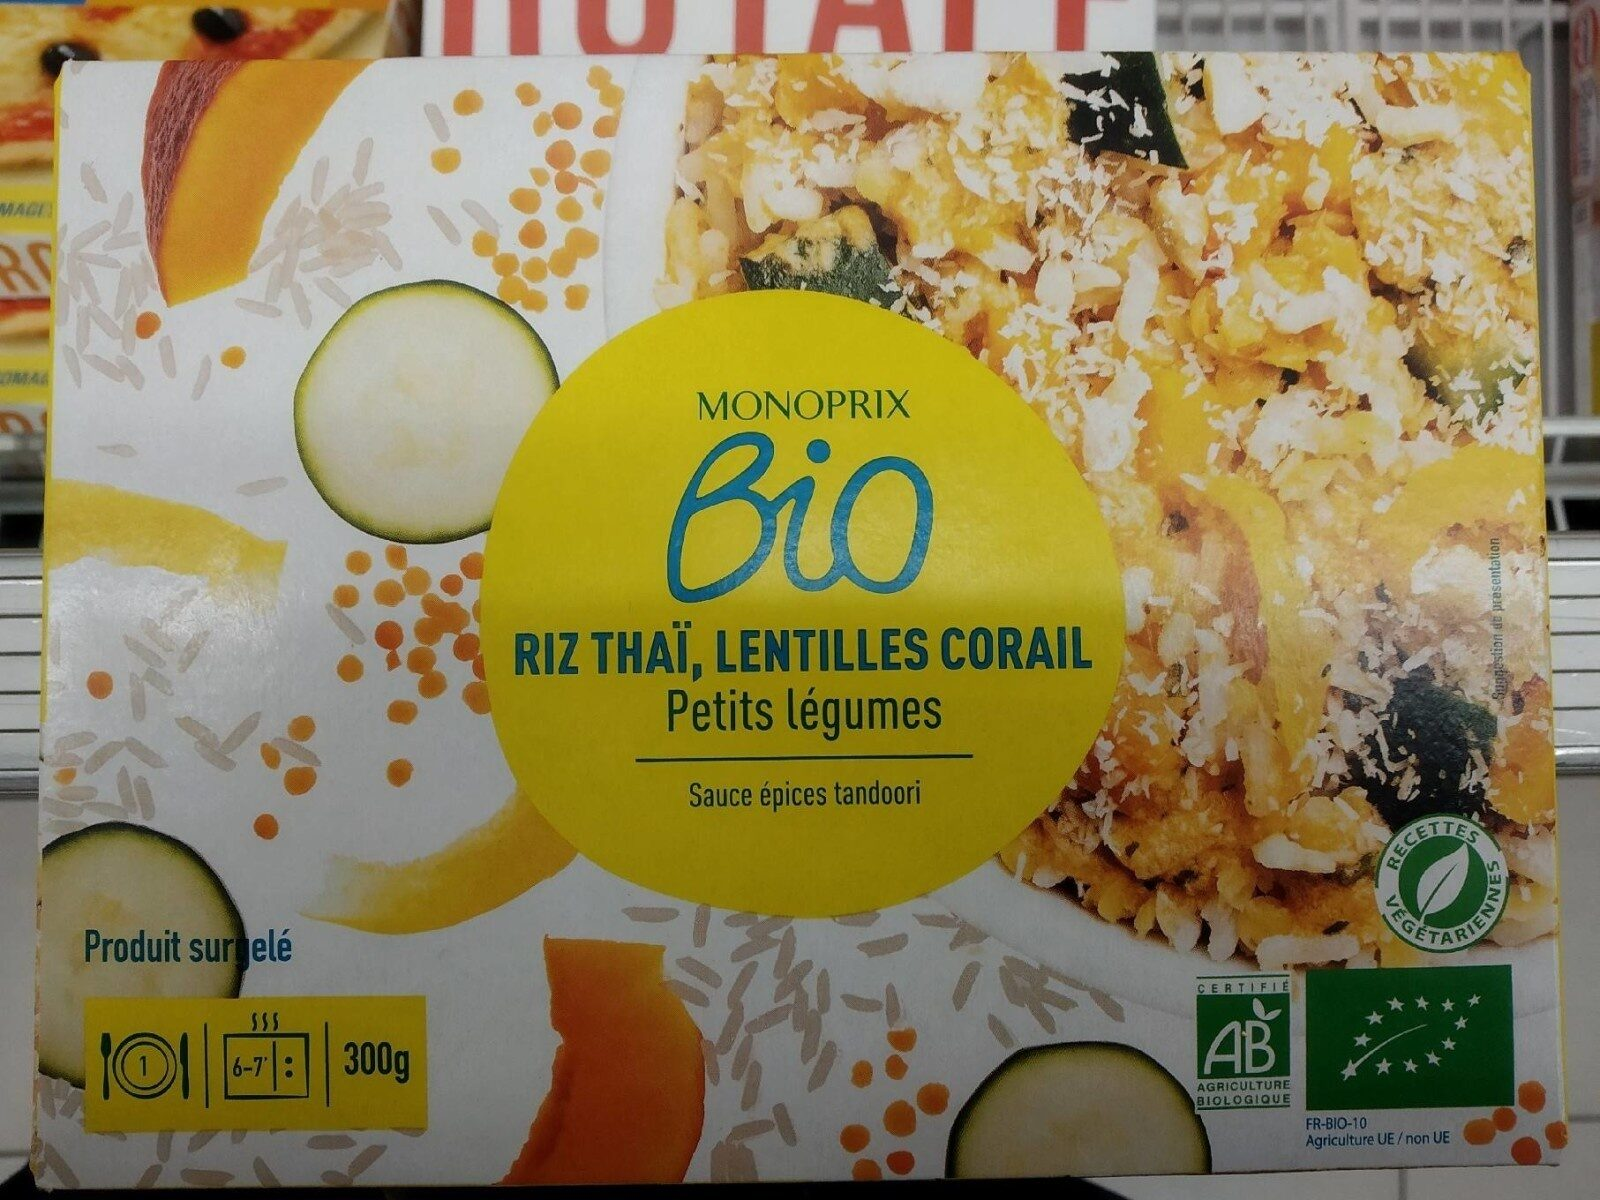 Riz Thaï, lentilles corail, petits légumes et sauces tandoori - Produkt